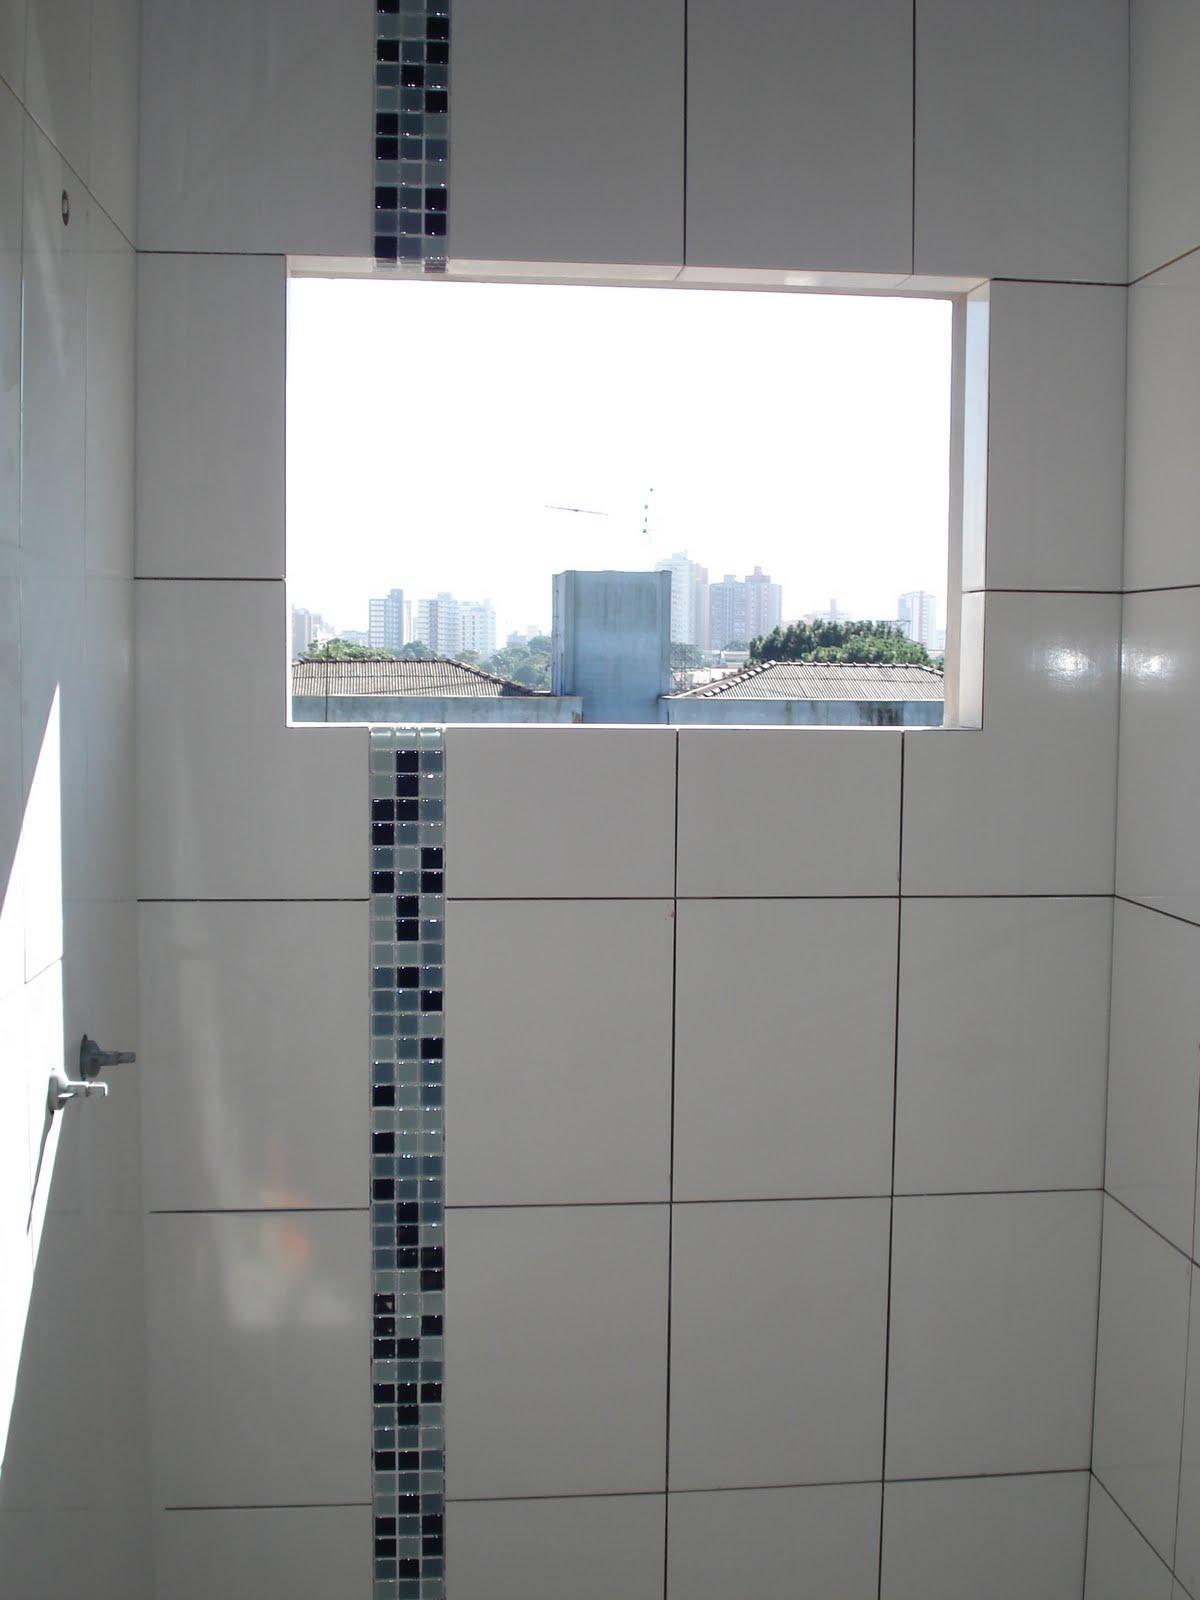 Azulejo para Banheiro Piso e Cerâmica Construdeia #4F687C 1200x1600 Banheiro Azulejo Ou Tinta